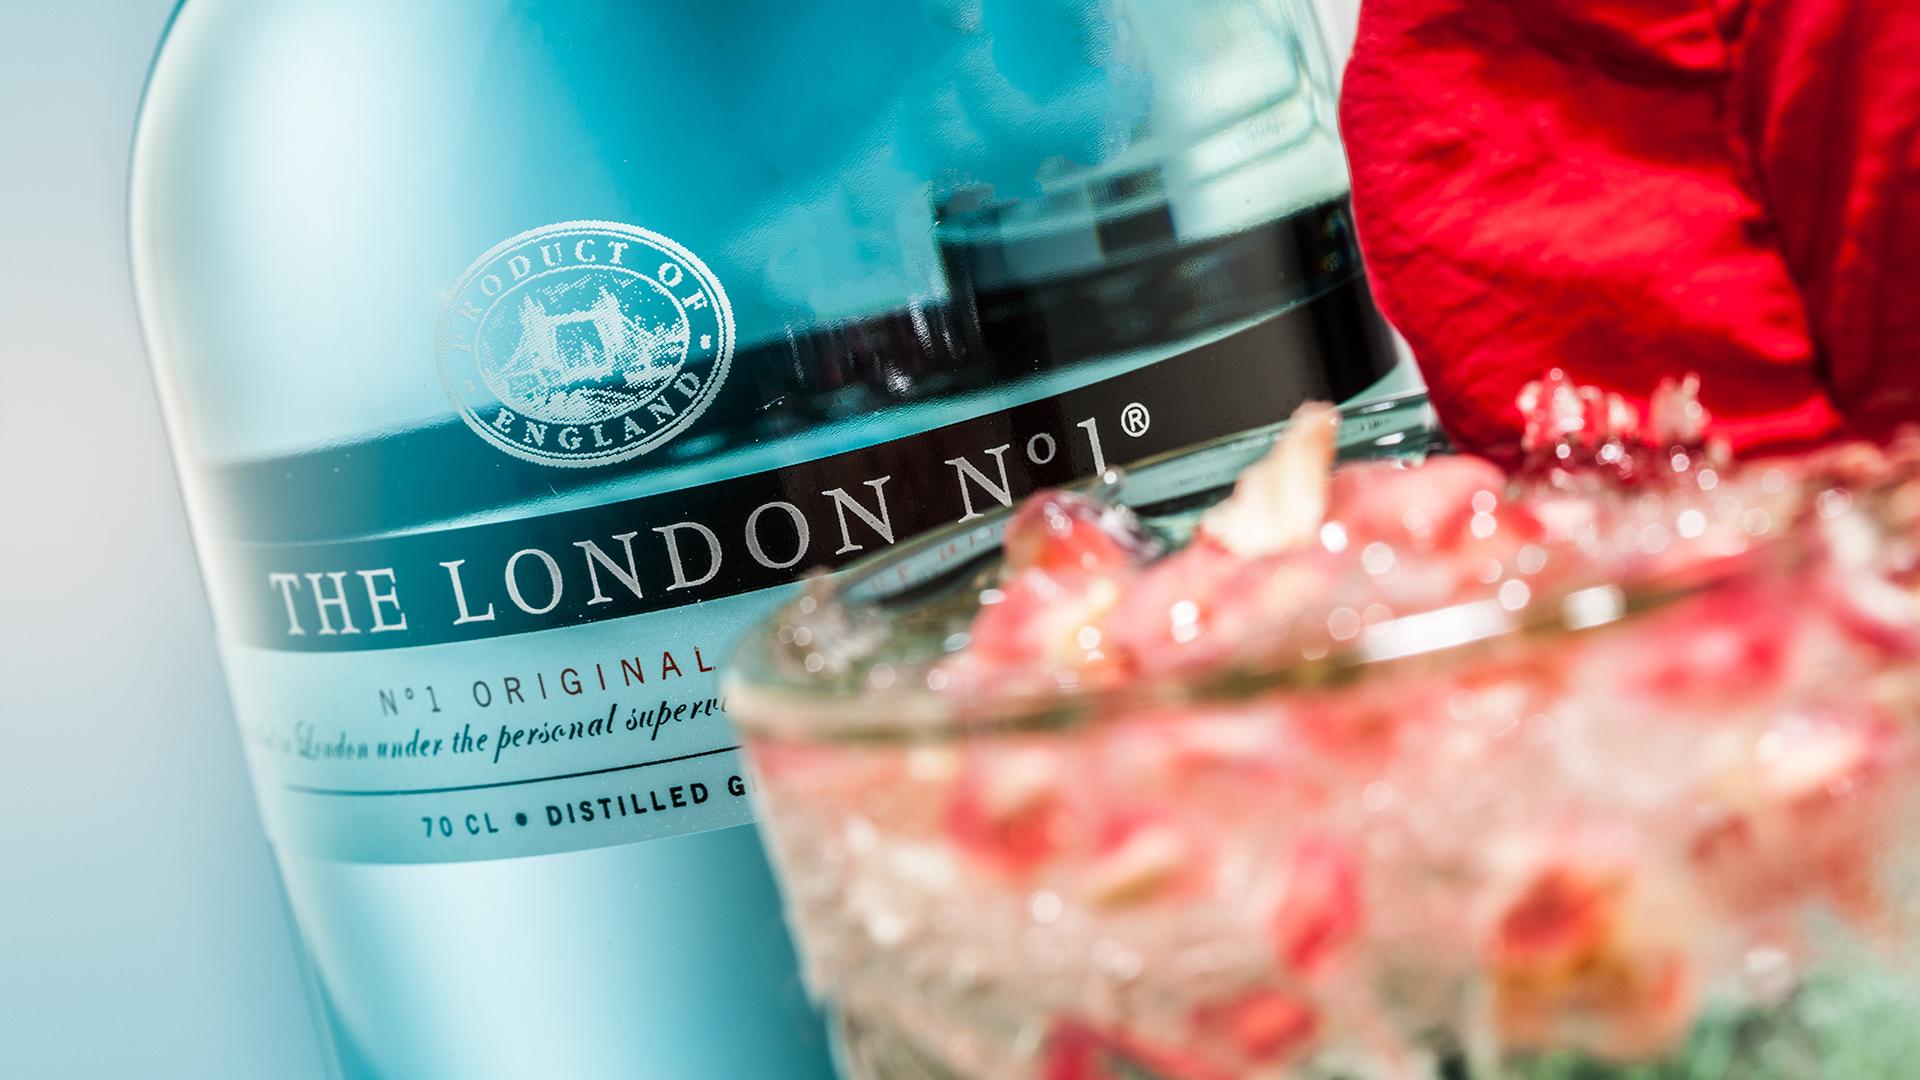 London N1 Gin